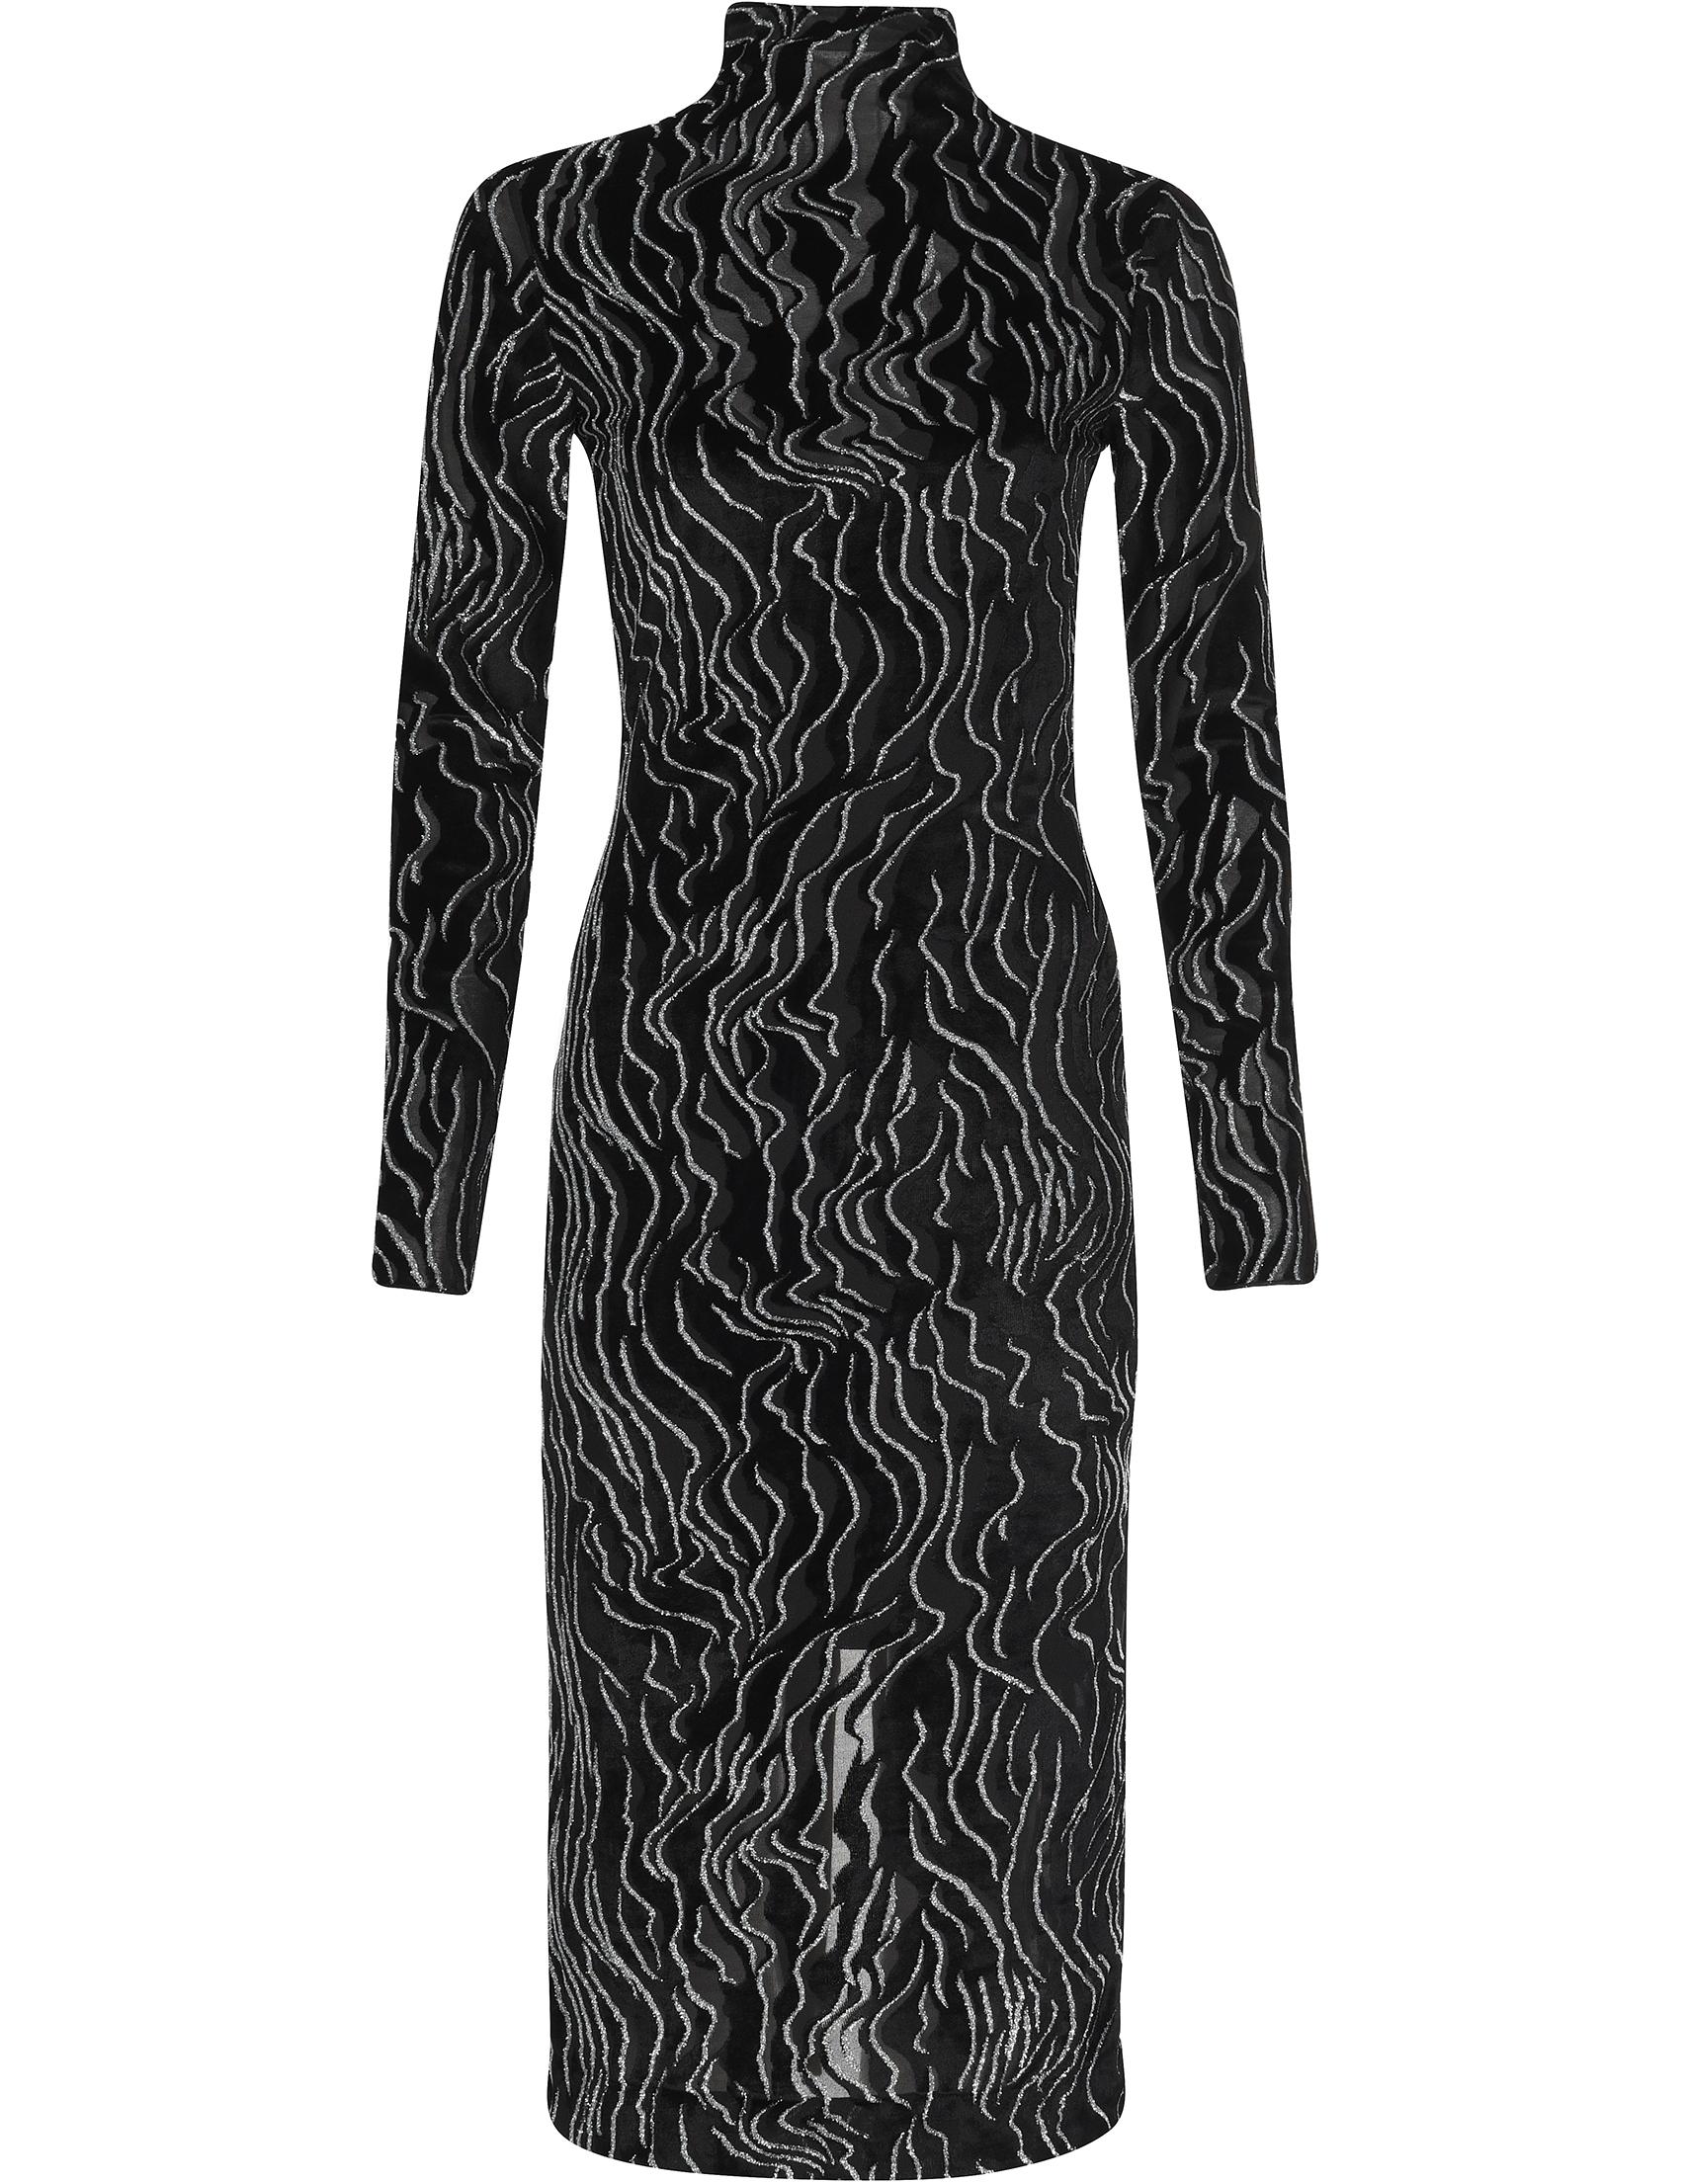 Купить Платье, KENZO, Черный, 50%Вискоза 37%Полиэстер 7%Металлическое волокно 6%Полиамид;95%Вискоза 5%Эластан, Осень-Зима